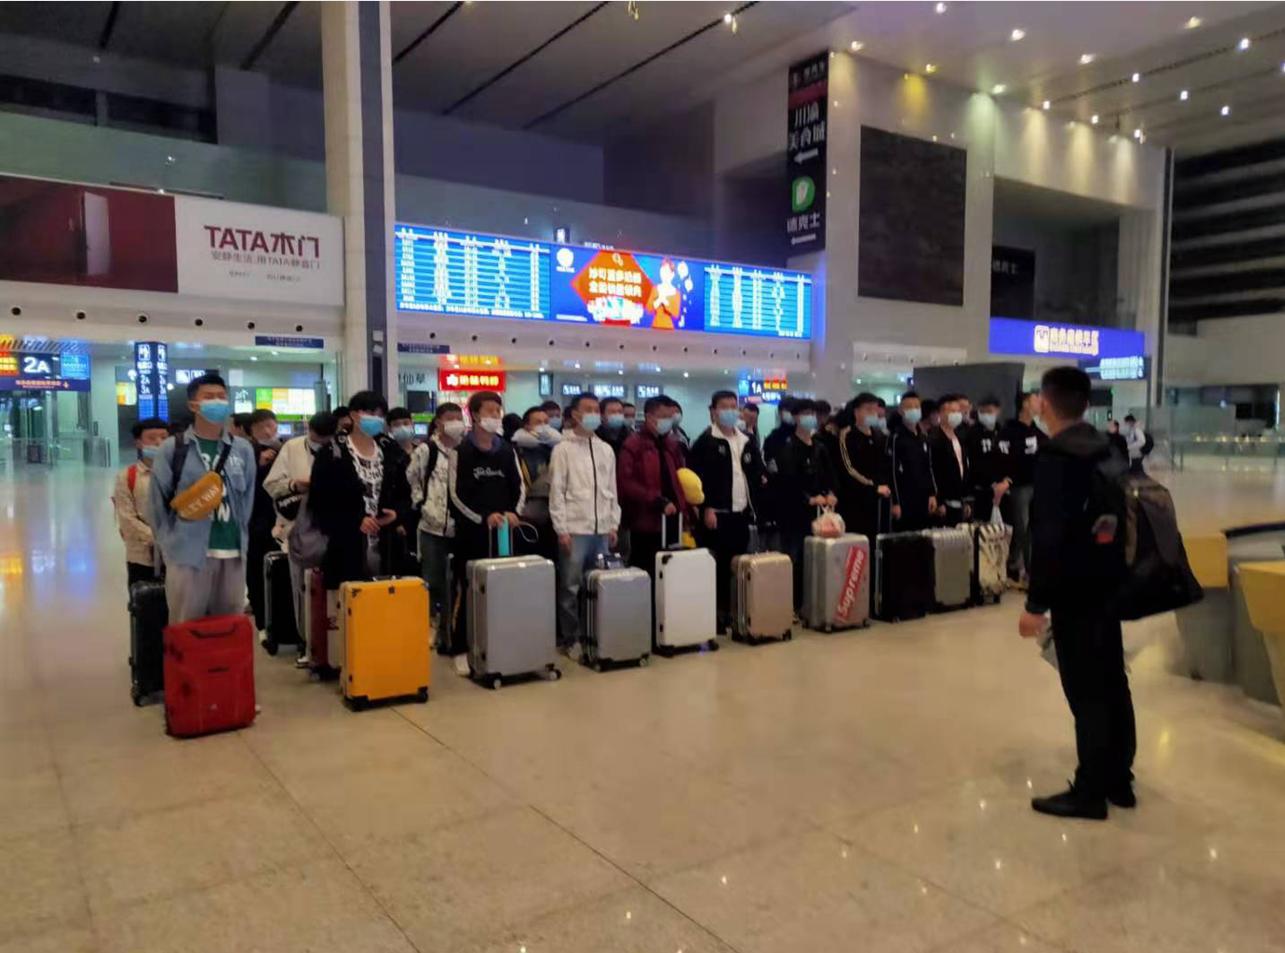 踏向新征程,迎接新挑战 --四川省贸易学校2018级第二批学生赴厦门宏发顶岗实习